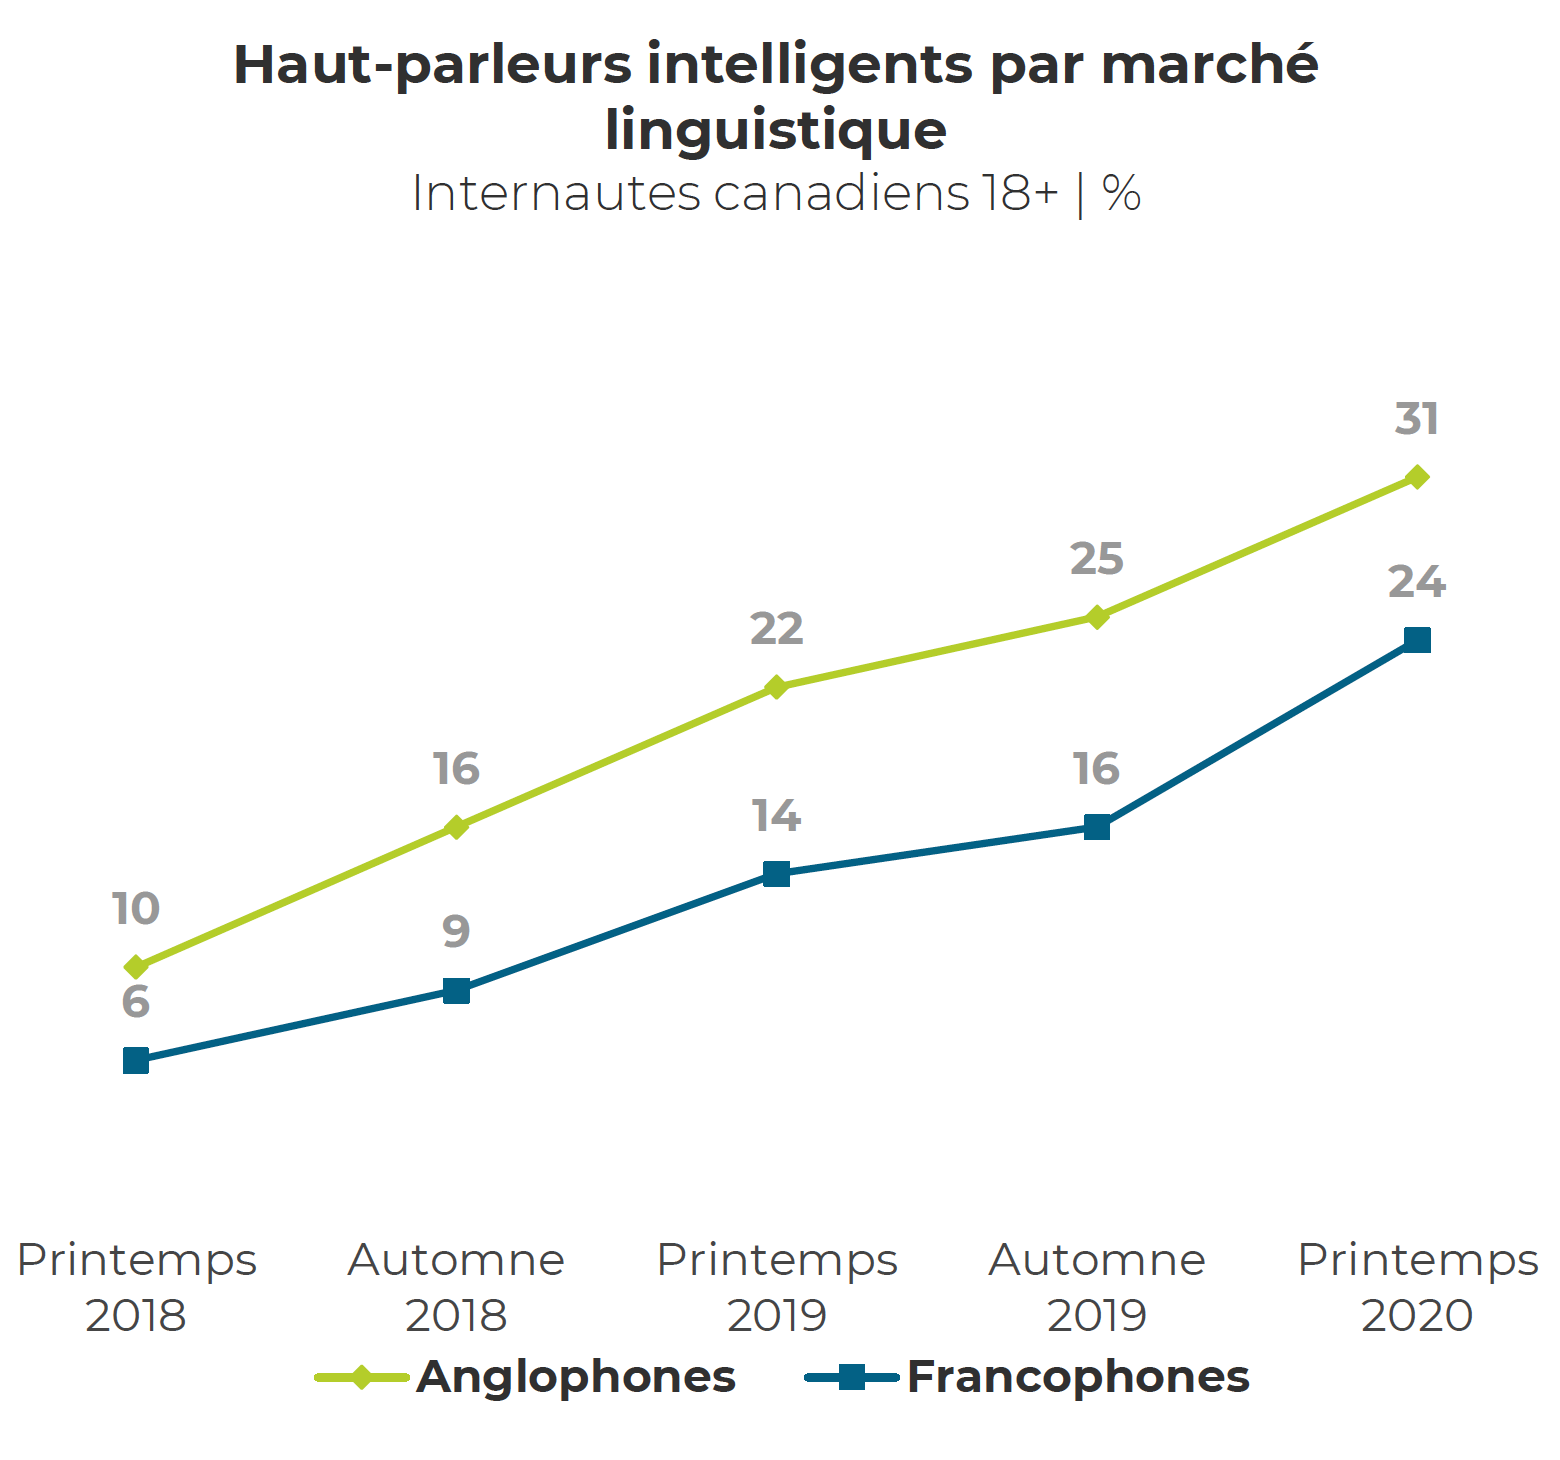 Les ménages anglophones demeurent plus susceptibles de posséder un haut parleur intelligent que les ménages francophones - Source Observatoire des Technologies Médias